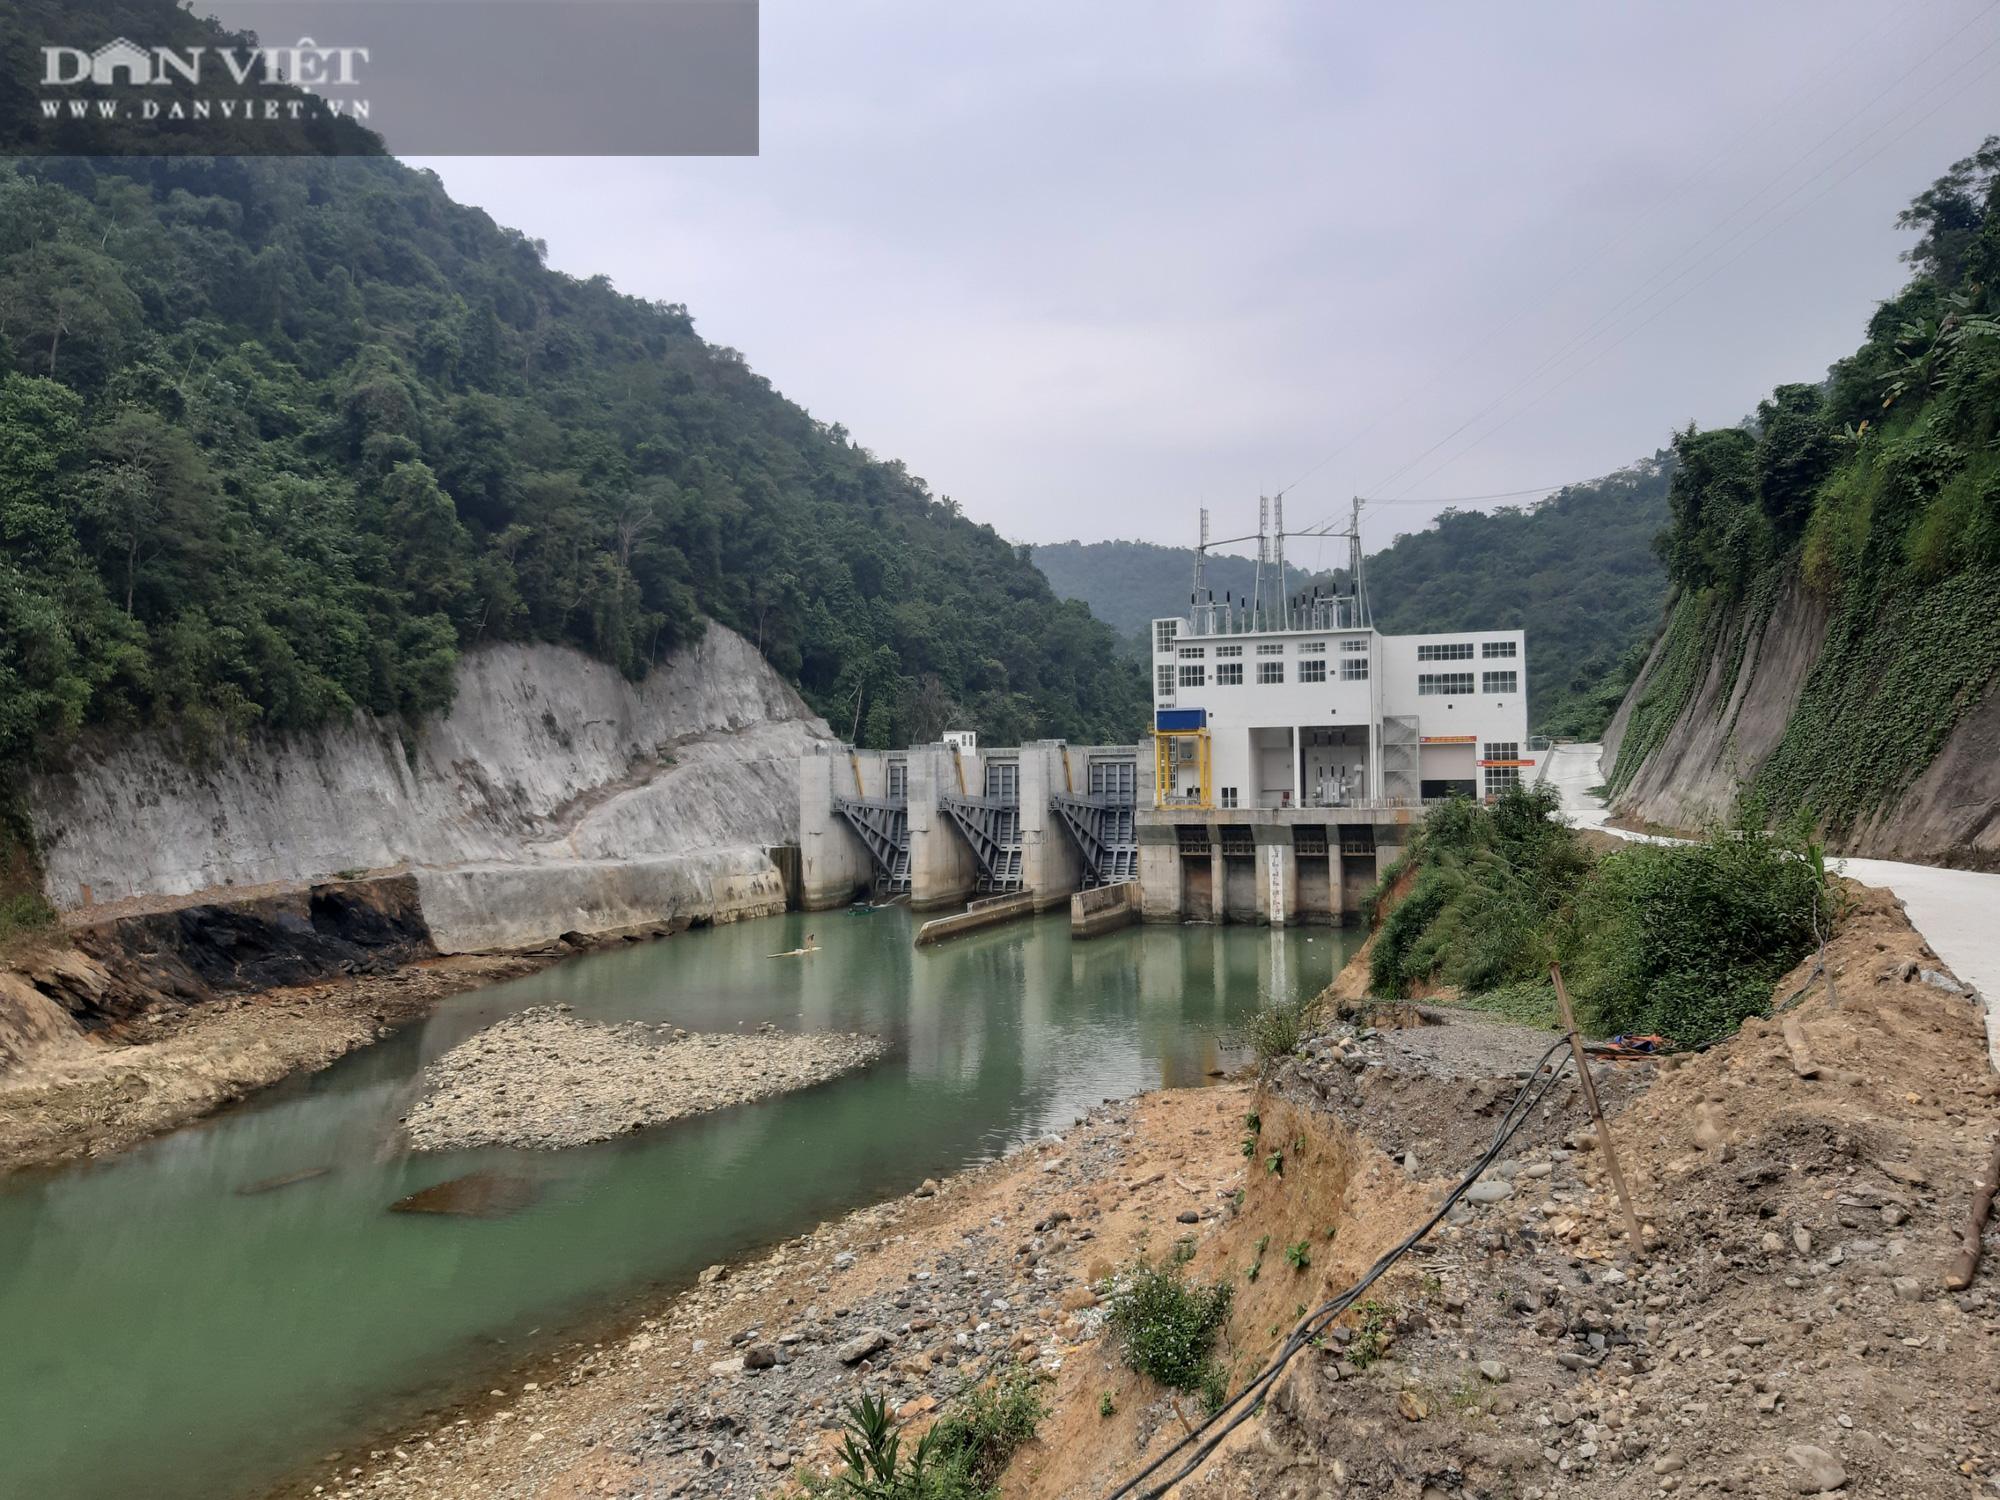 Thủy điện nhỏ tiềm ẩn hiểm họa lớn (Bài 3): Thủy điện gây sạt lở và ô nhiễm nguồn nước - Ảnh 5.